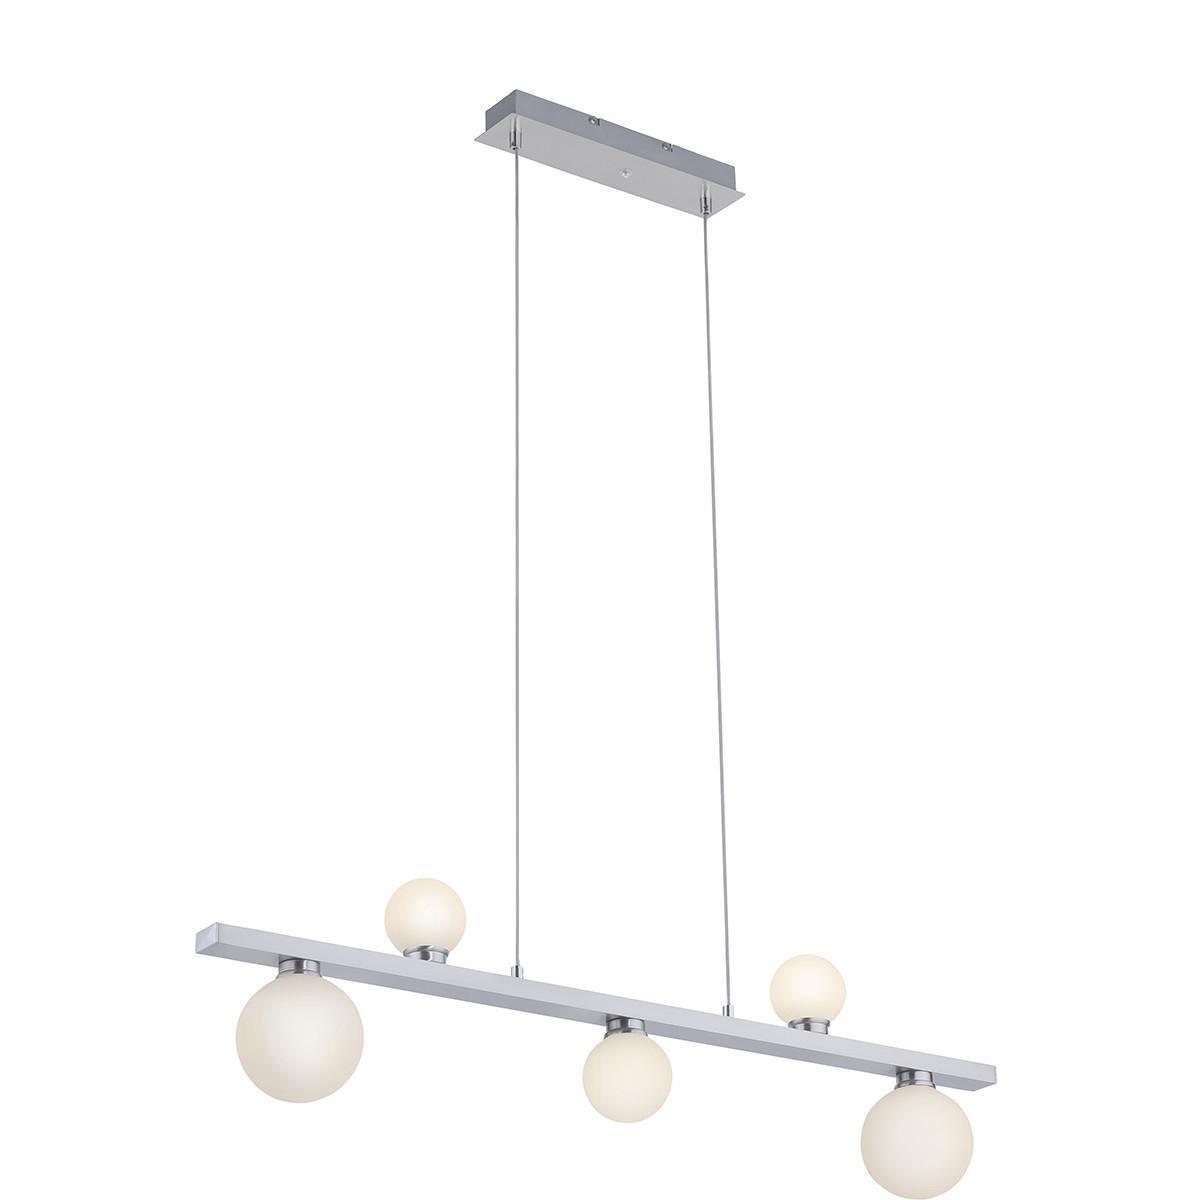 LED Hanglamp WiZ - Smart LED - Trion Dulpio - 15W - Aanpasbare Kleur - 5-lichts - Dimbaar - Rechthoek - Mat Nikkel - Aluminium - BSE